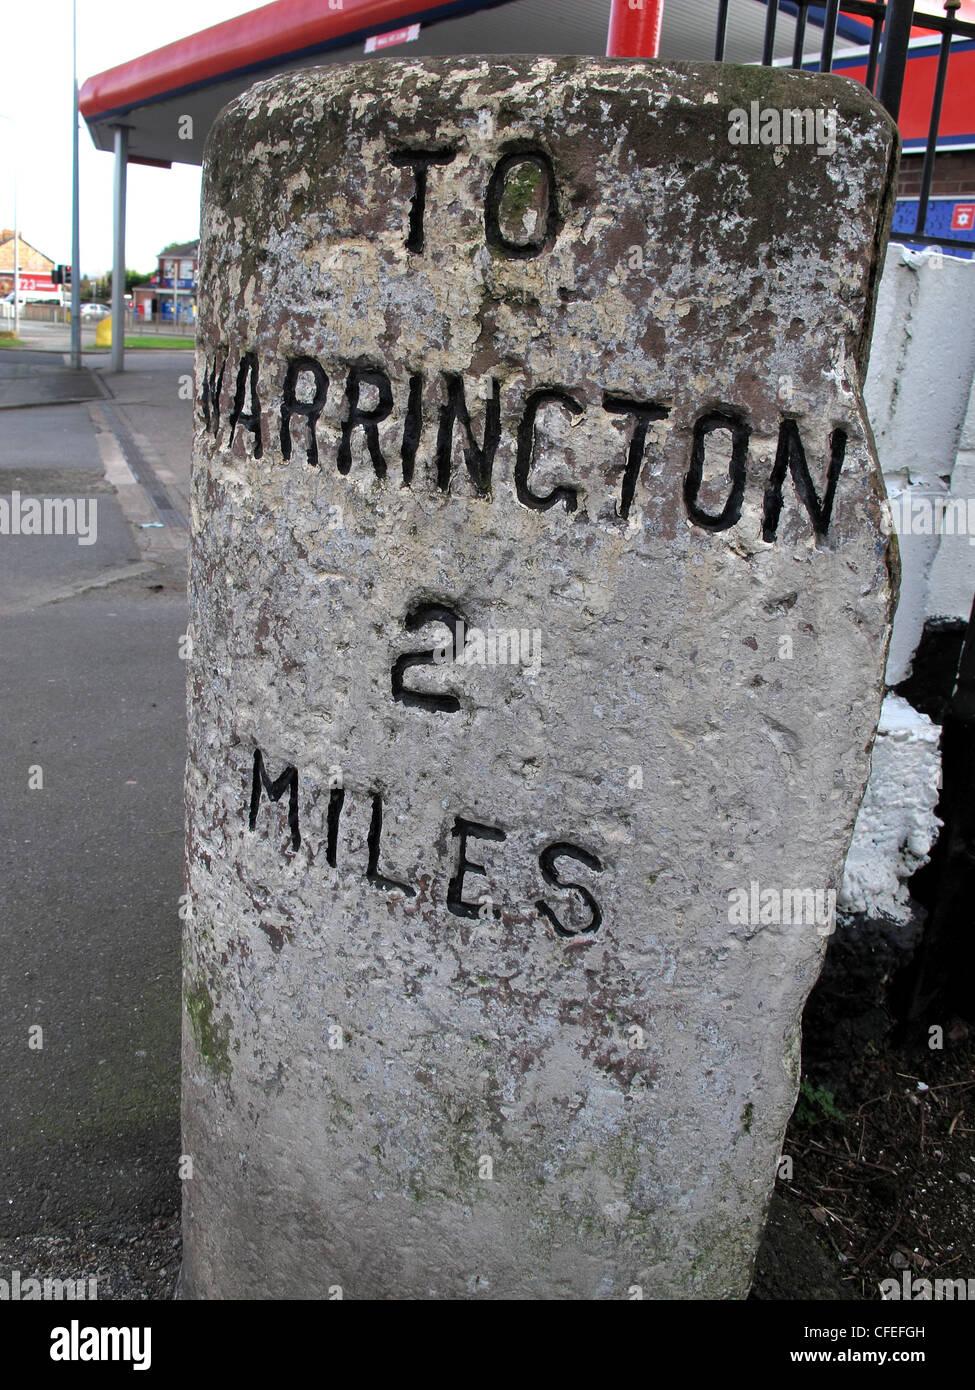 Laden Sie dieses Alamy Stockfoto Meilenstein für Warrington 2 Meilen auf A57 bei Liverpool Road, Penketh, Cheshire, England UK - CFEFGH